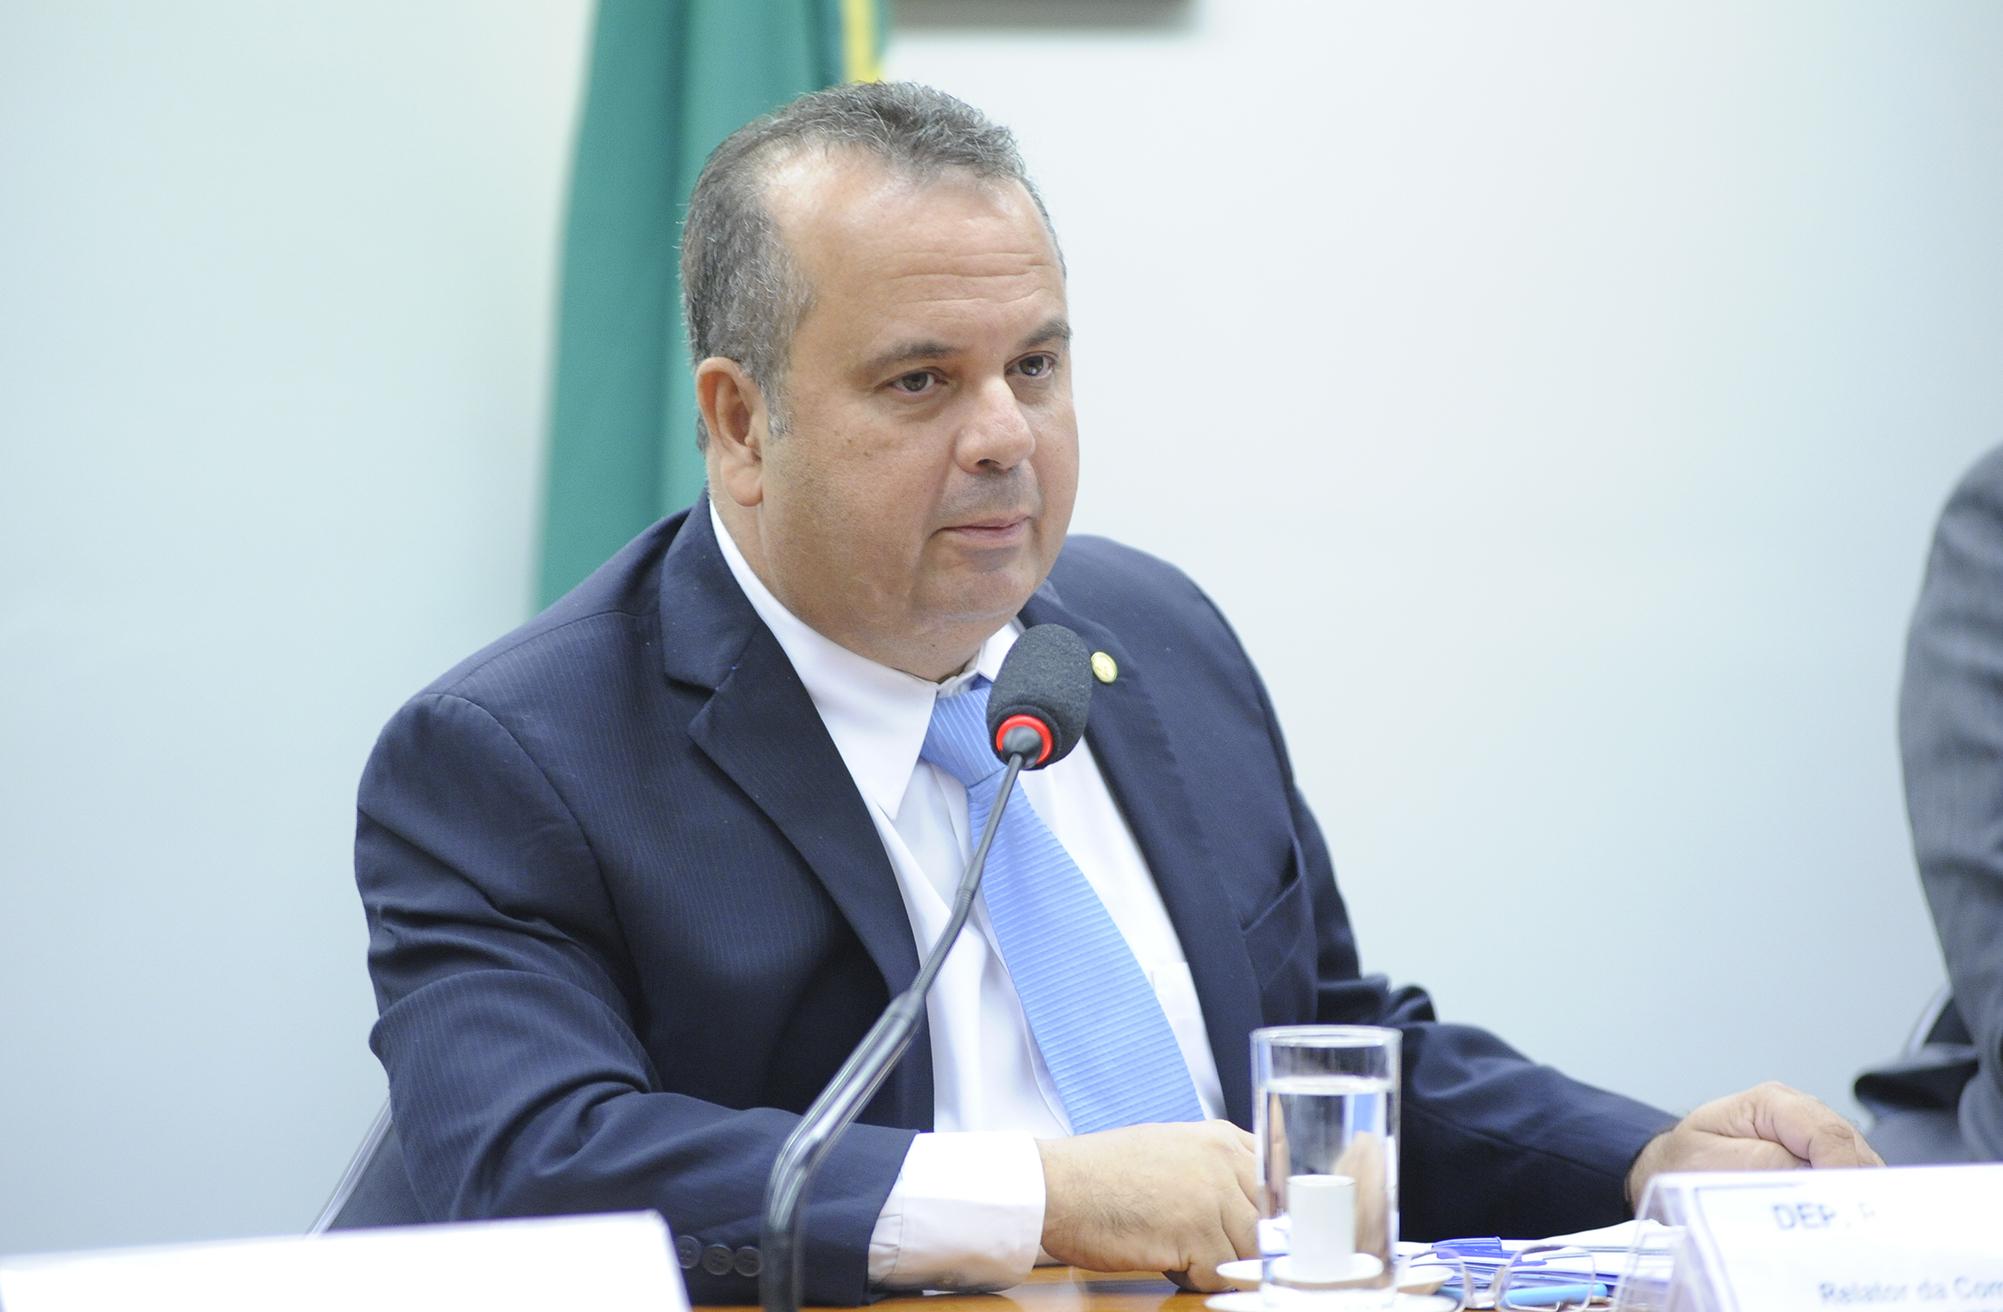 Audiência pública sobre o futebol de base no Brasil. Dep. Rogerio Marinho (PSDB-RN)